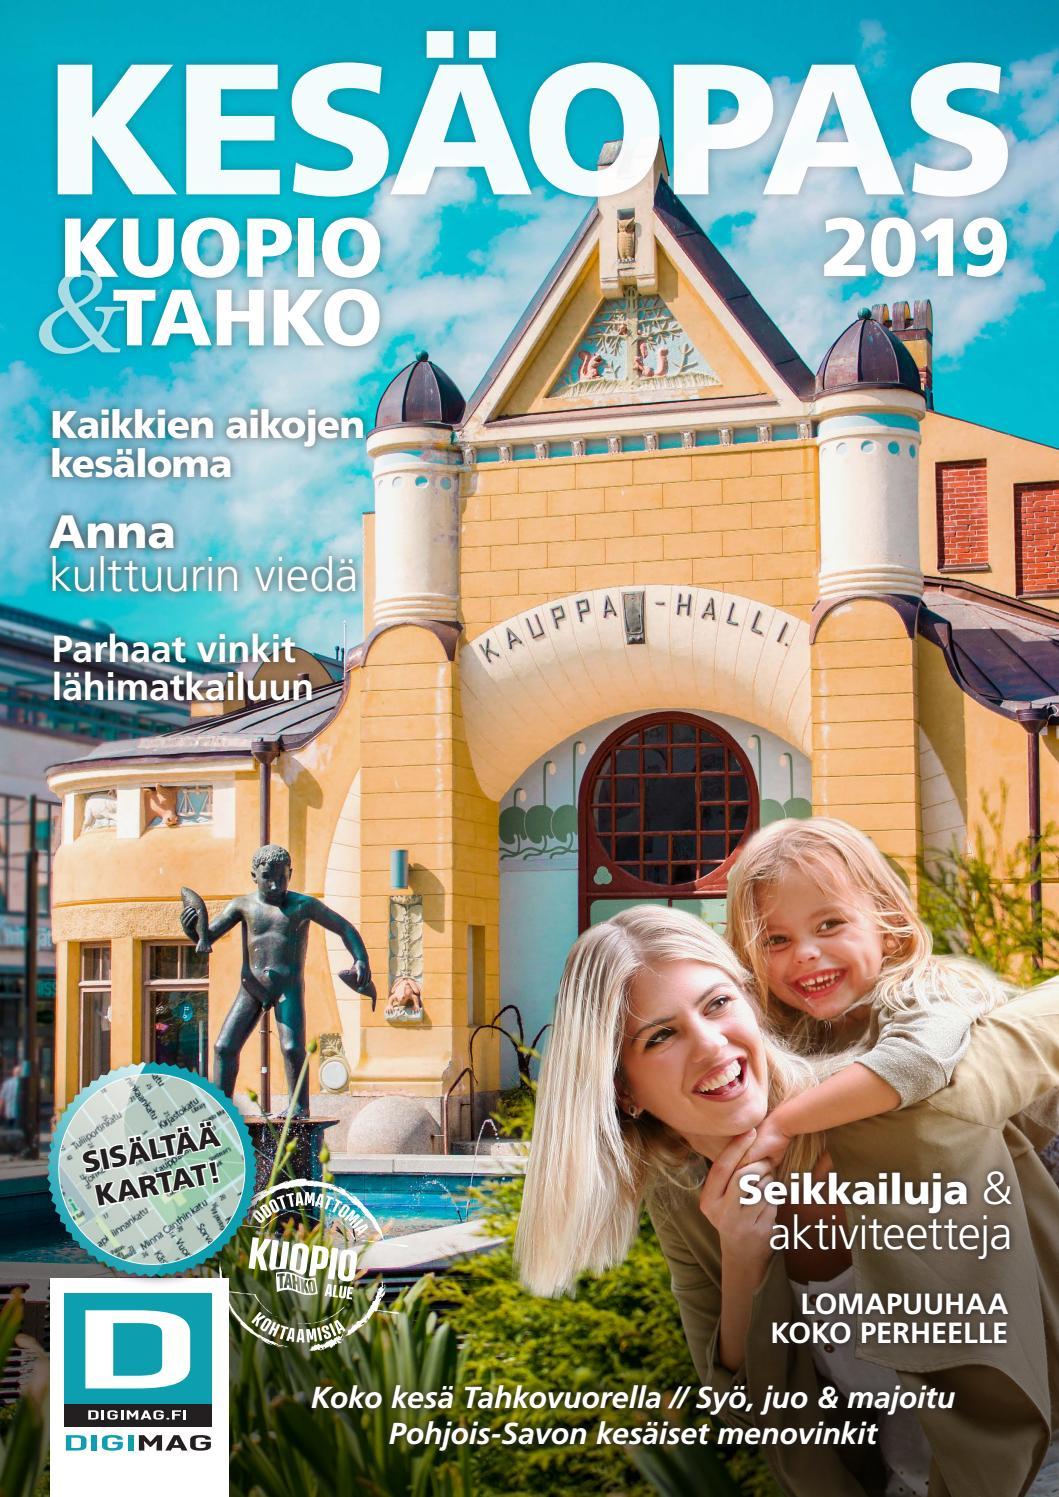 Kesaopas 2019 Kuopio Tahko By Nmt Kuopio Issuu